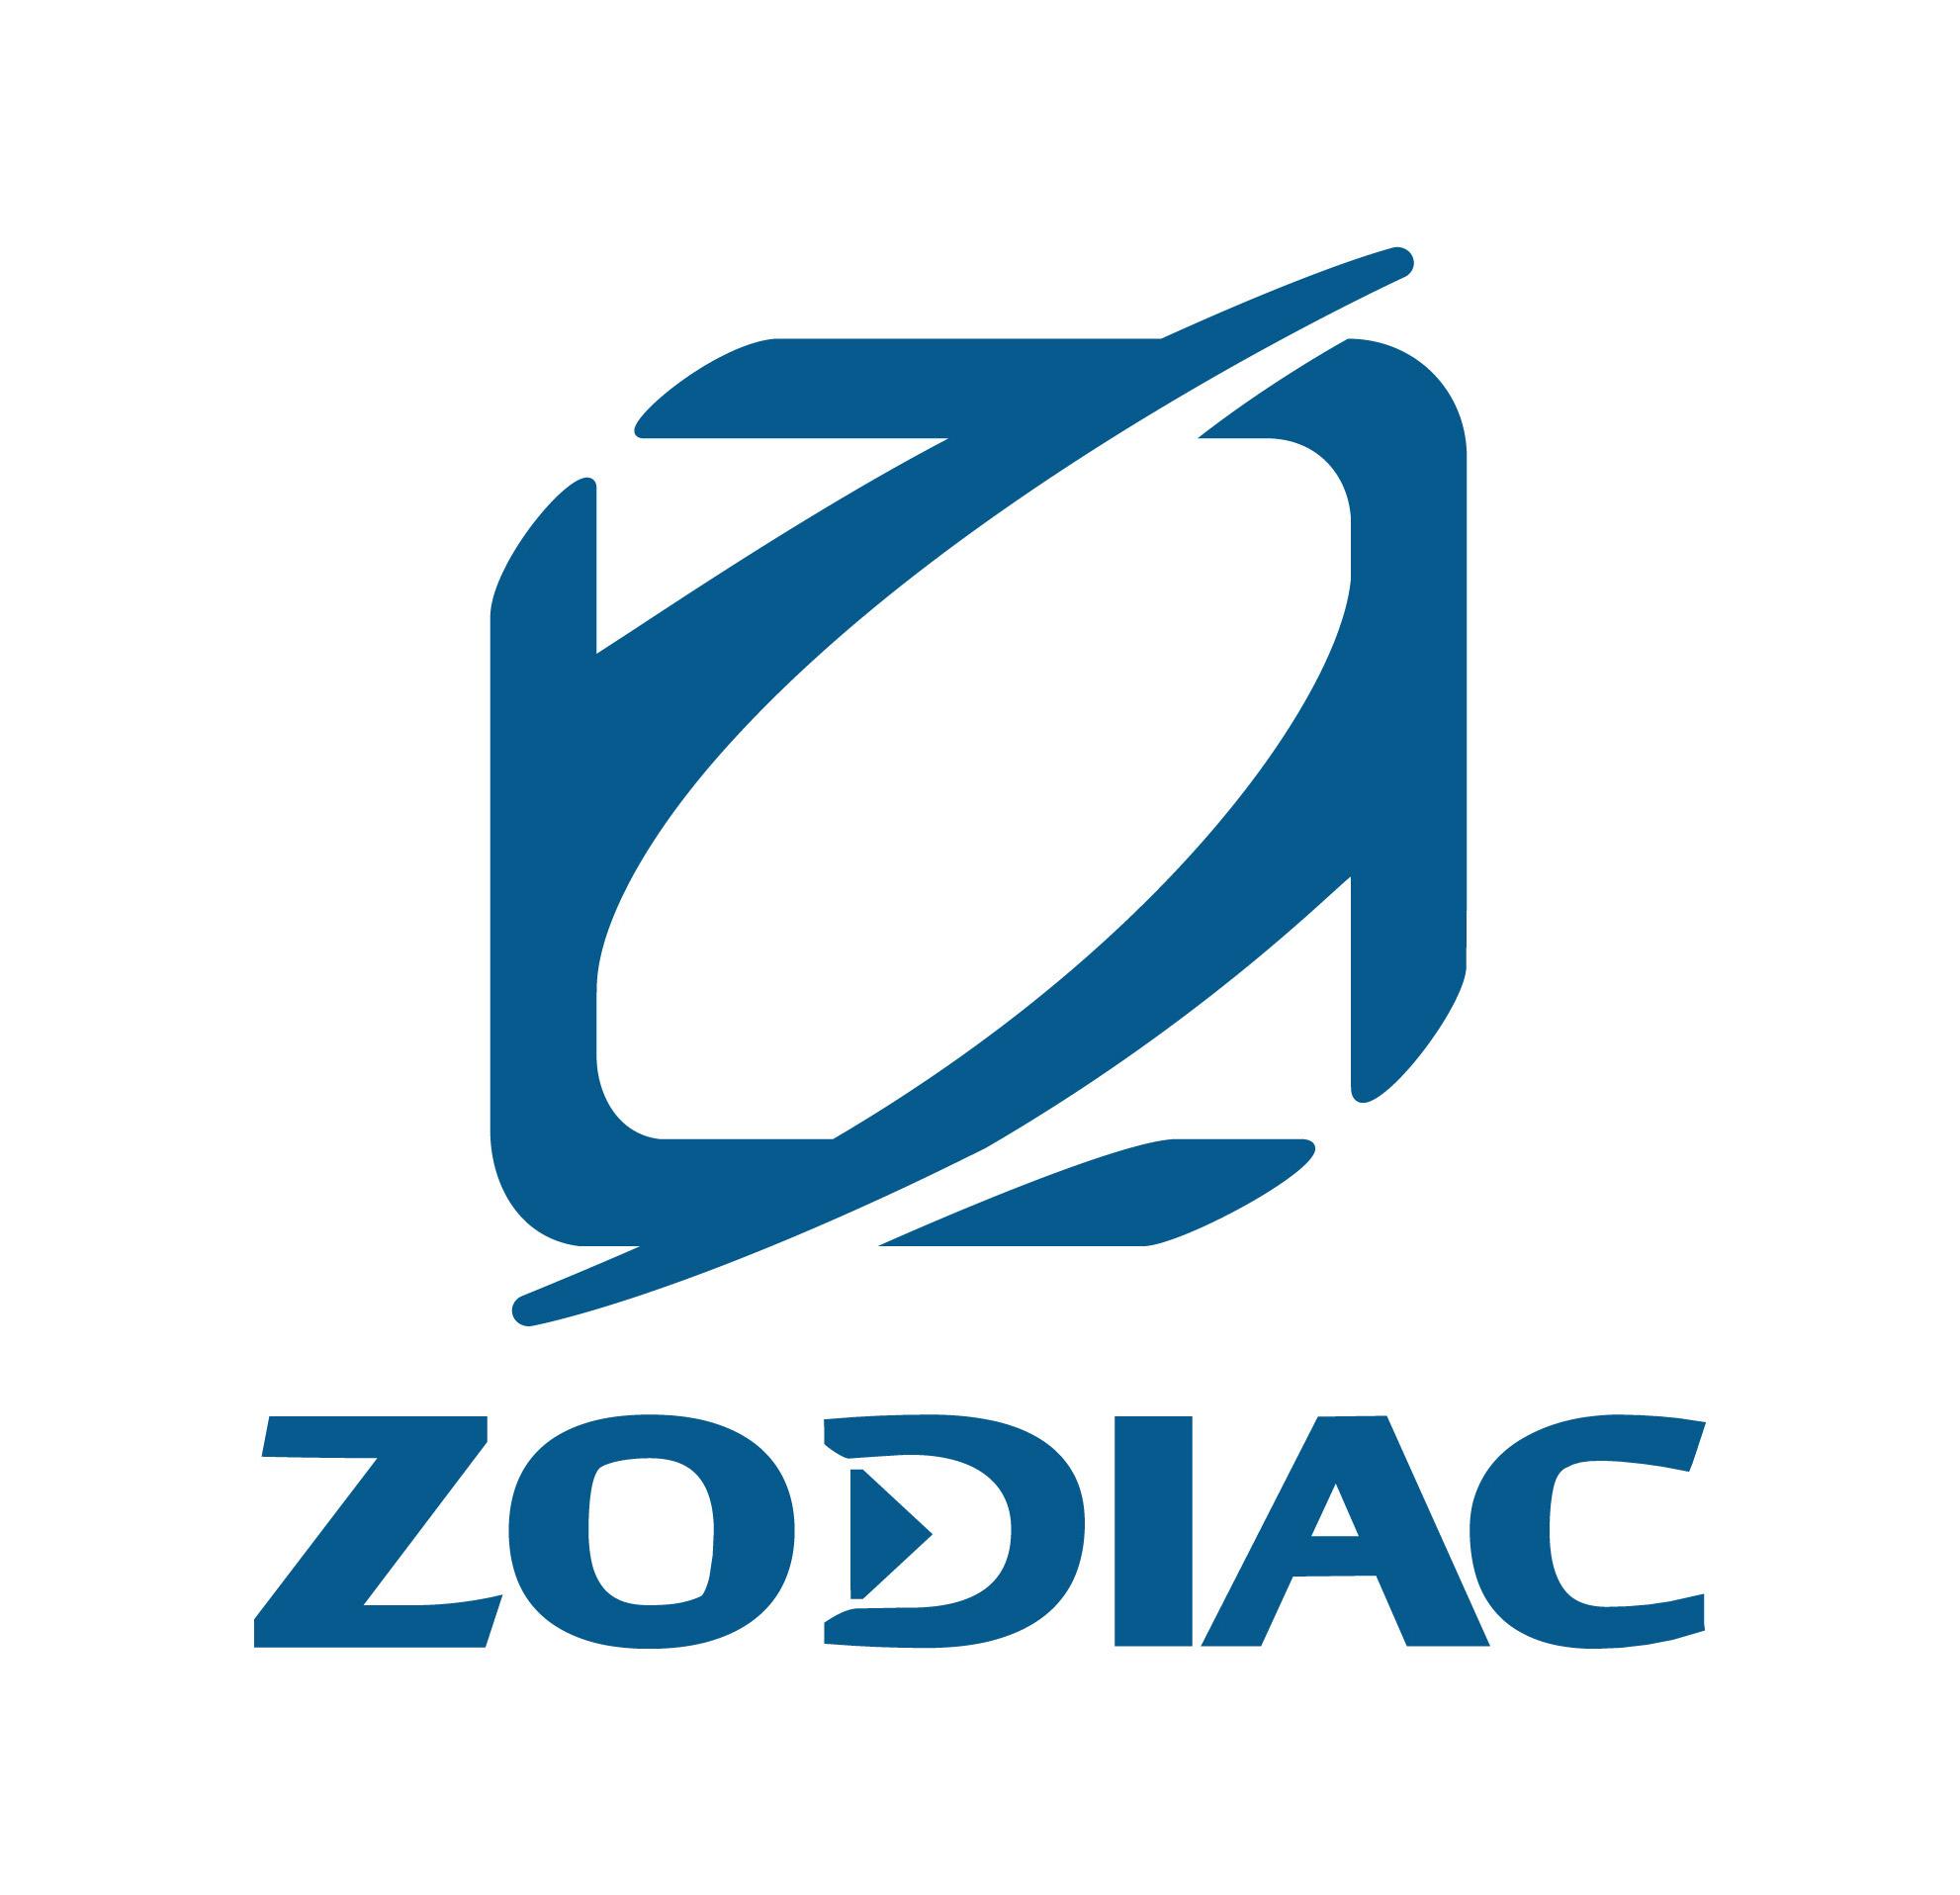 https://static.blog4ever.com/2012/03/678268/nouveau-logo-zodiac.jpg